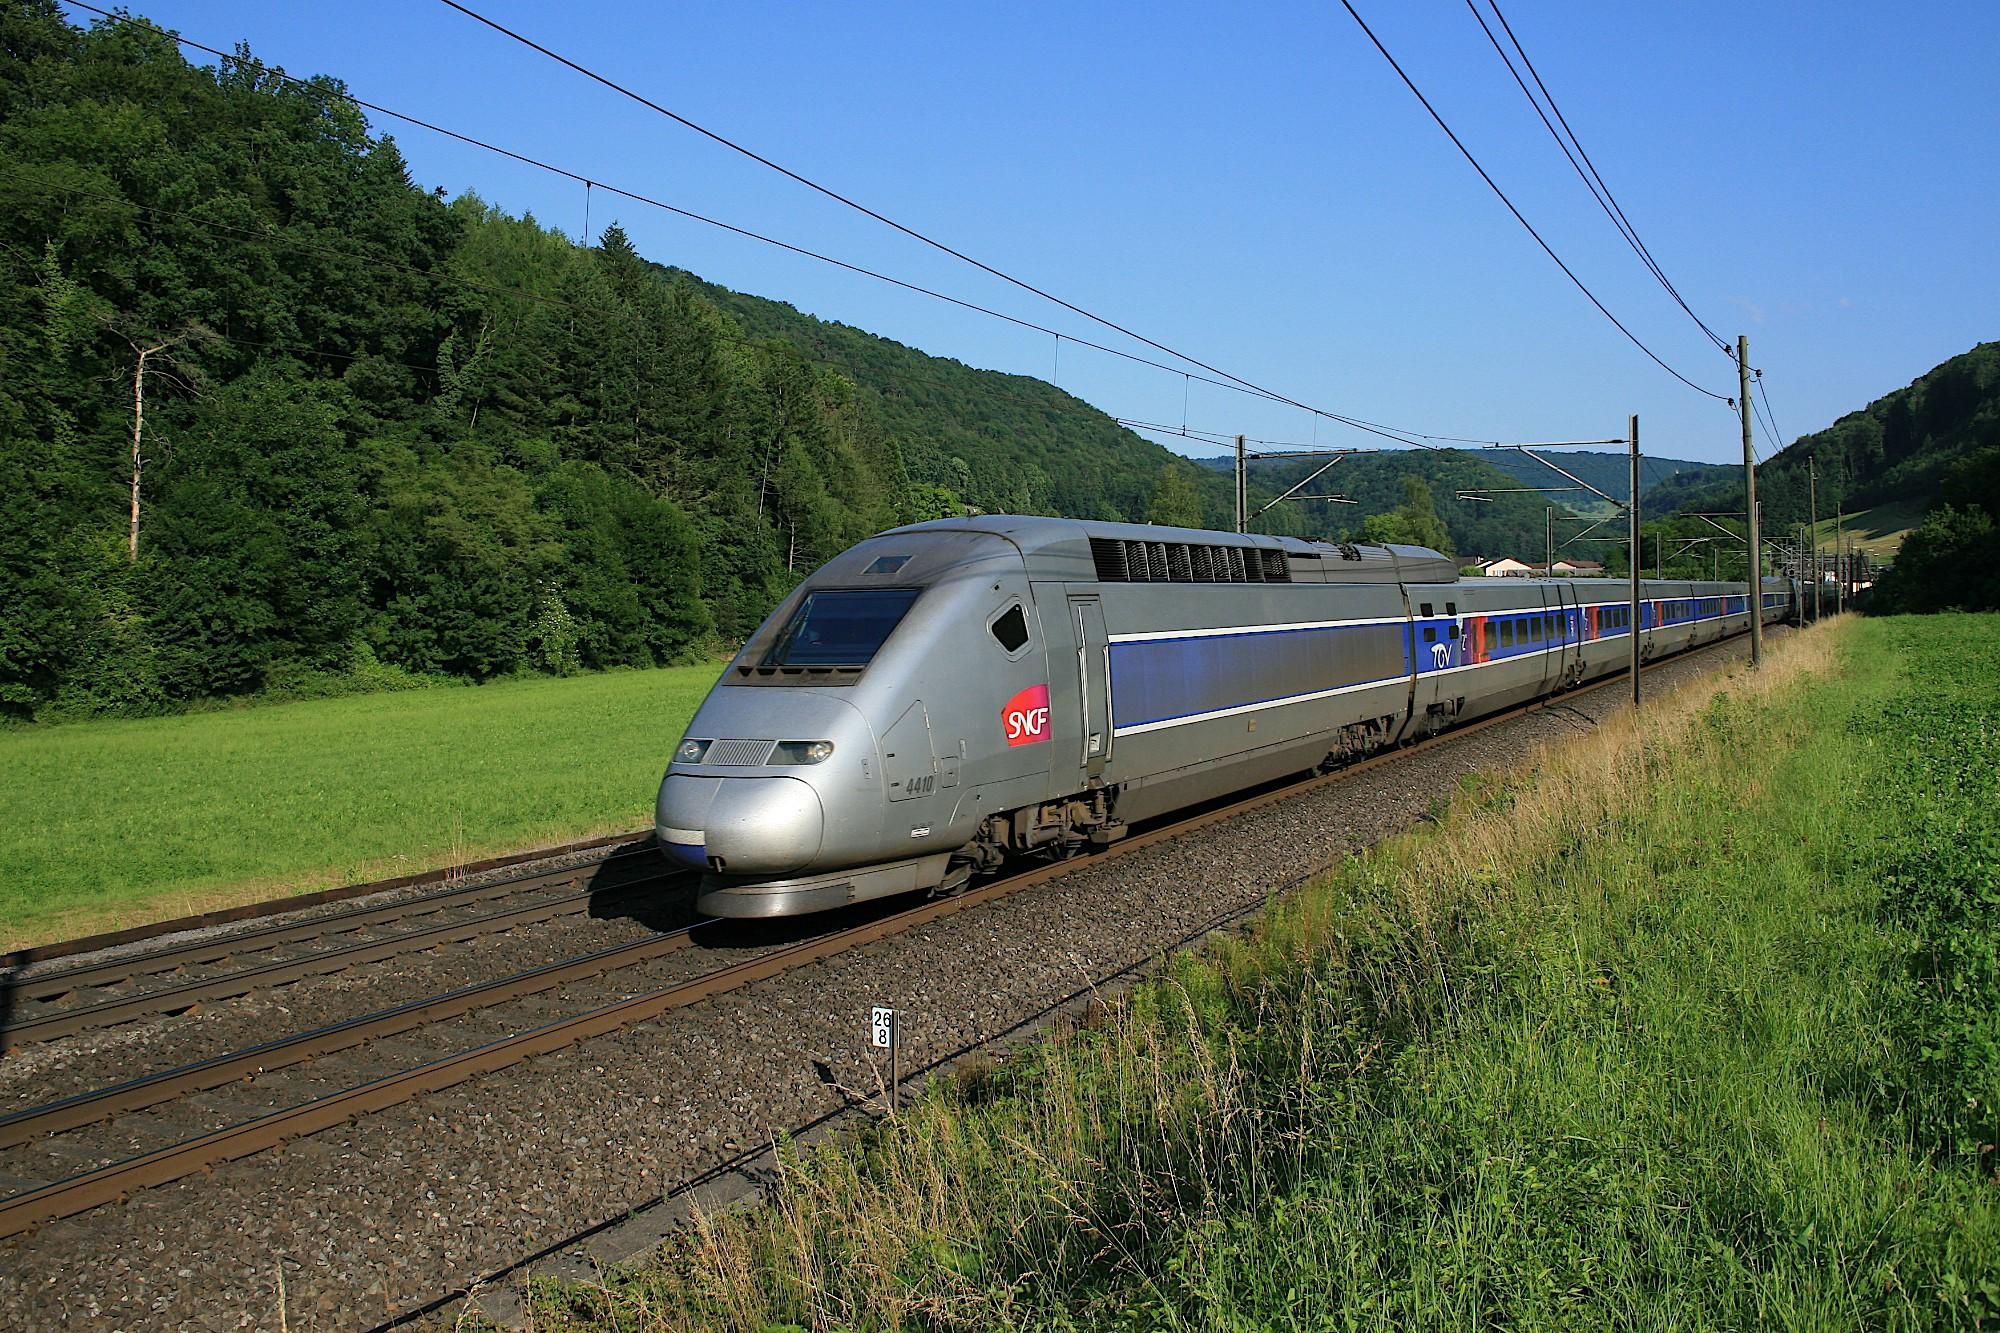 скоростной поезд картинки множество